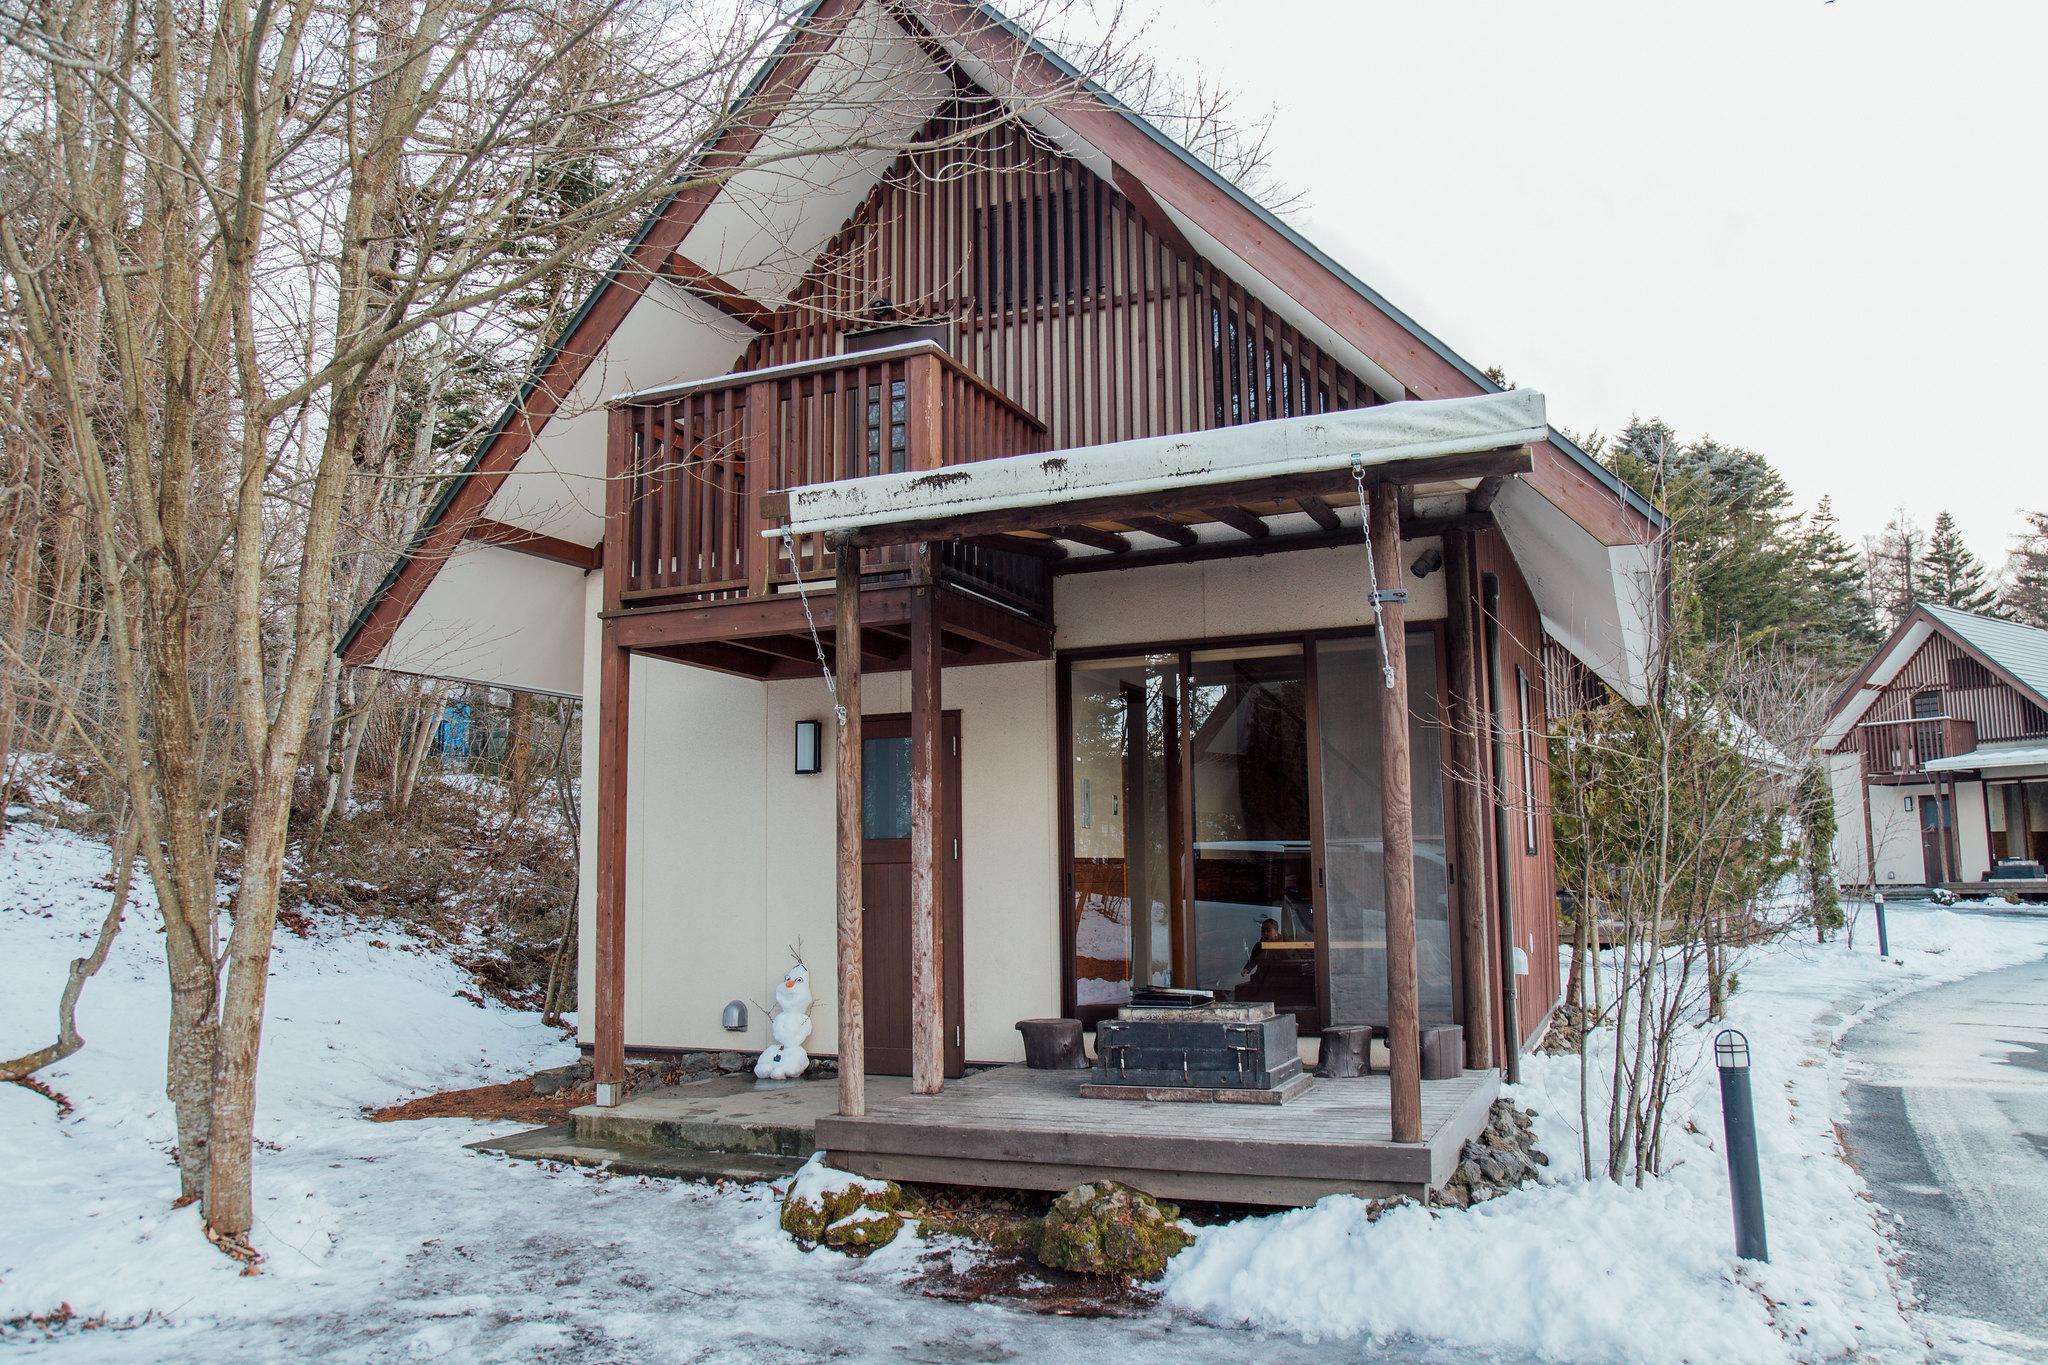 2015-01-17 山中湖キャンプと吉田うどん 014